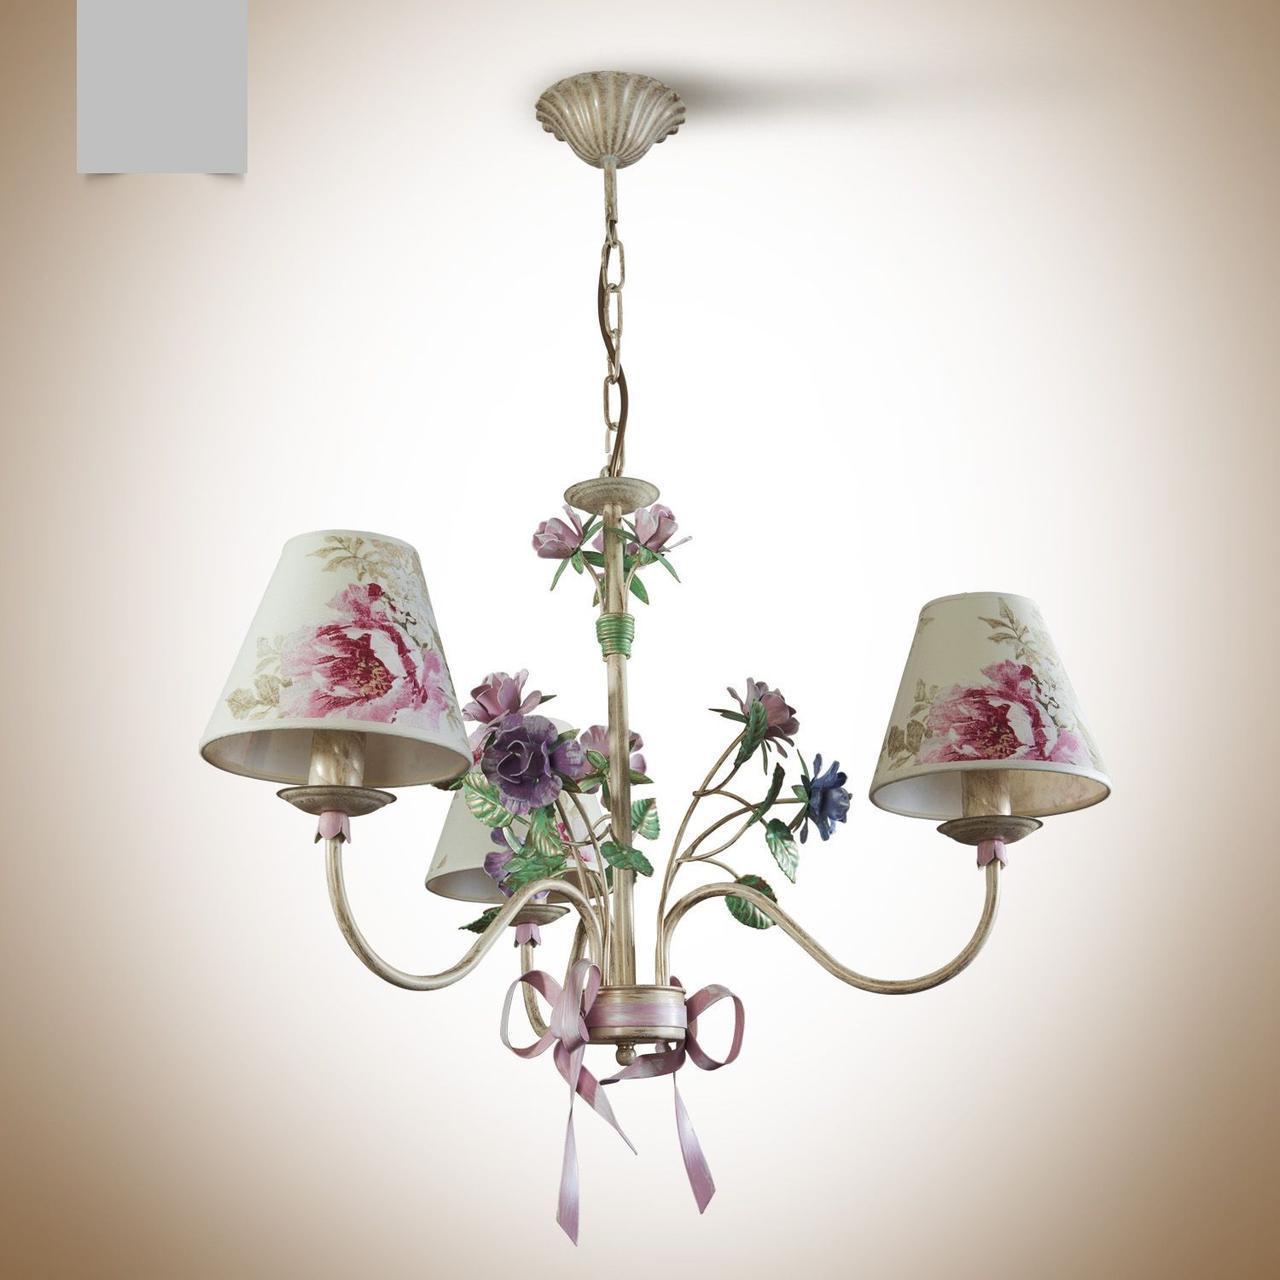 Люстра для небольшой комнаты, для спальни 3-х ламповая с абажурами 6403-4